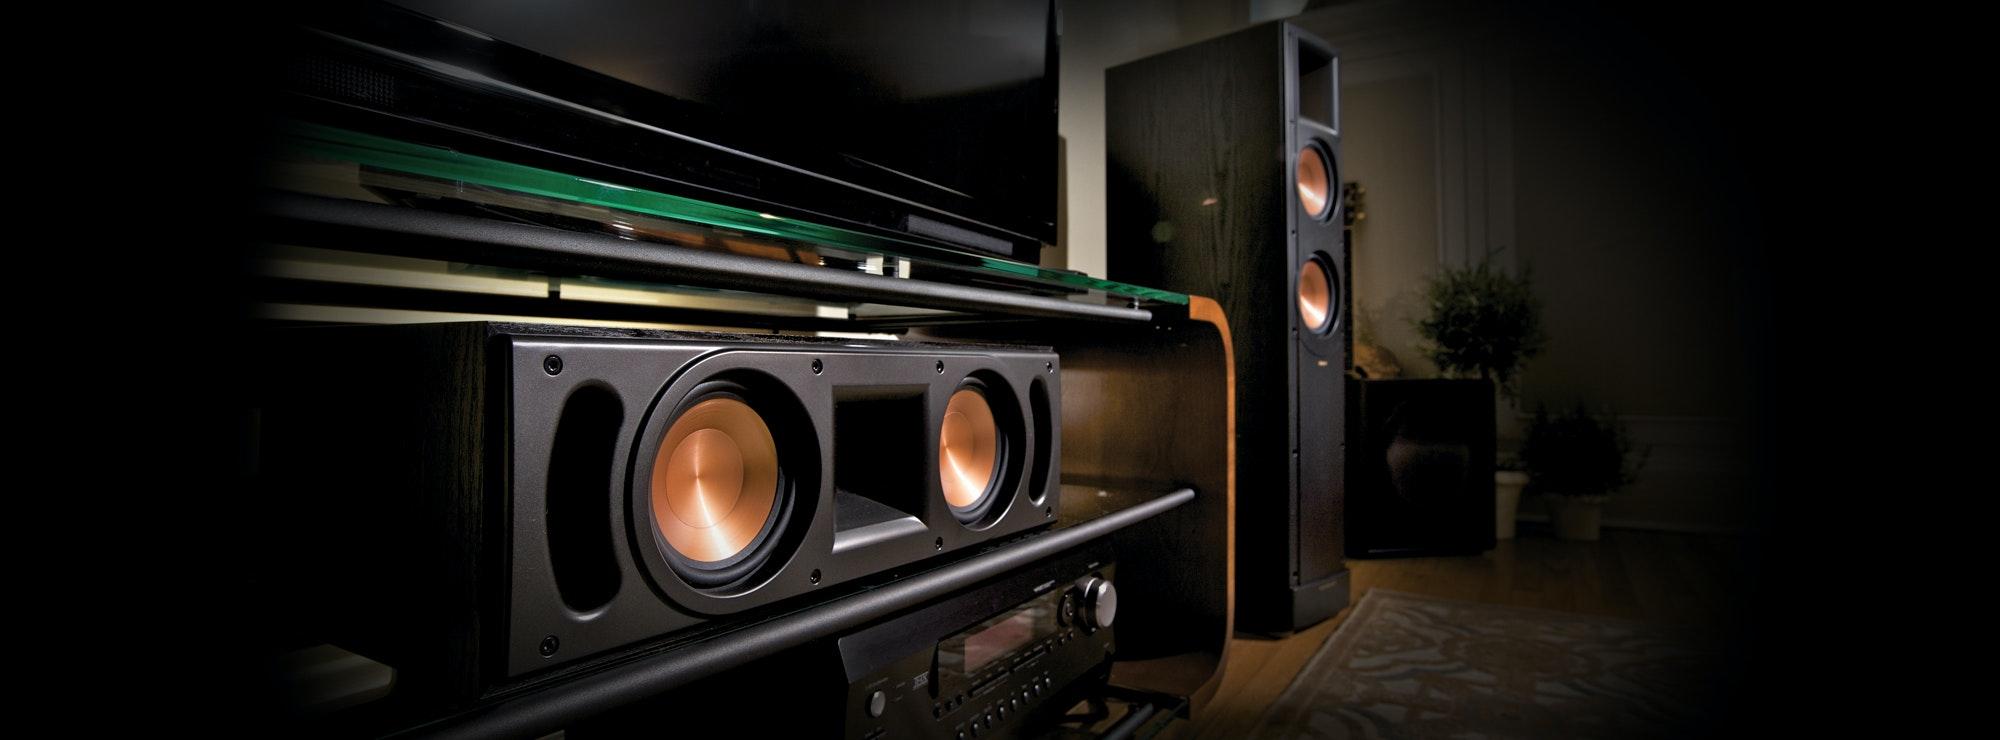 Center channel speaker and floorstanding speaker